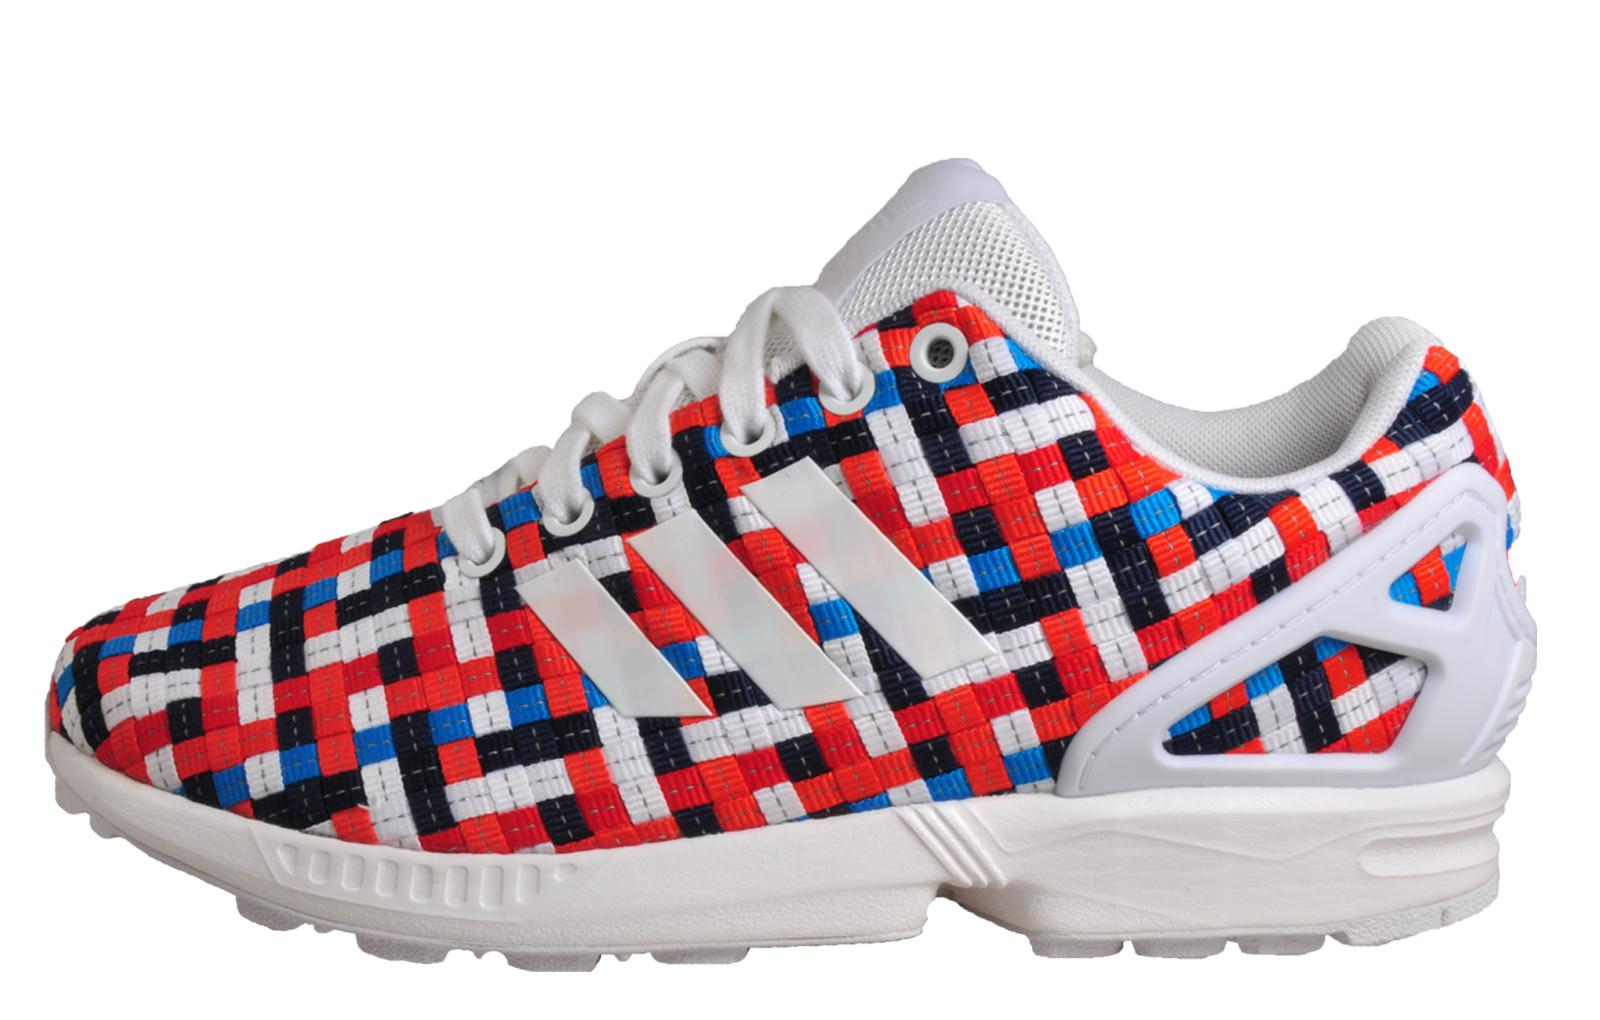 official photos 63e6b 8ca58 Adidas Originals ZX Flux Mens -